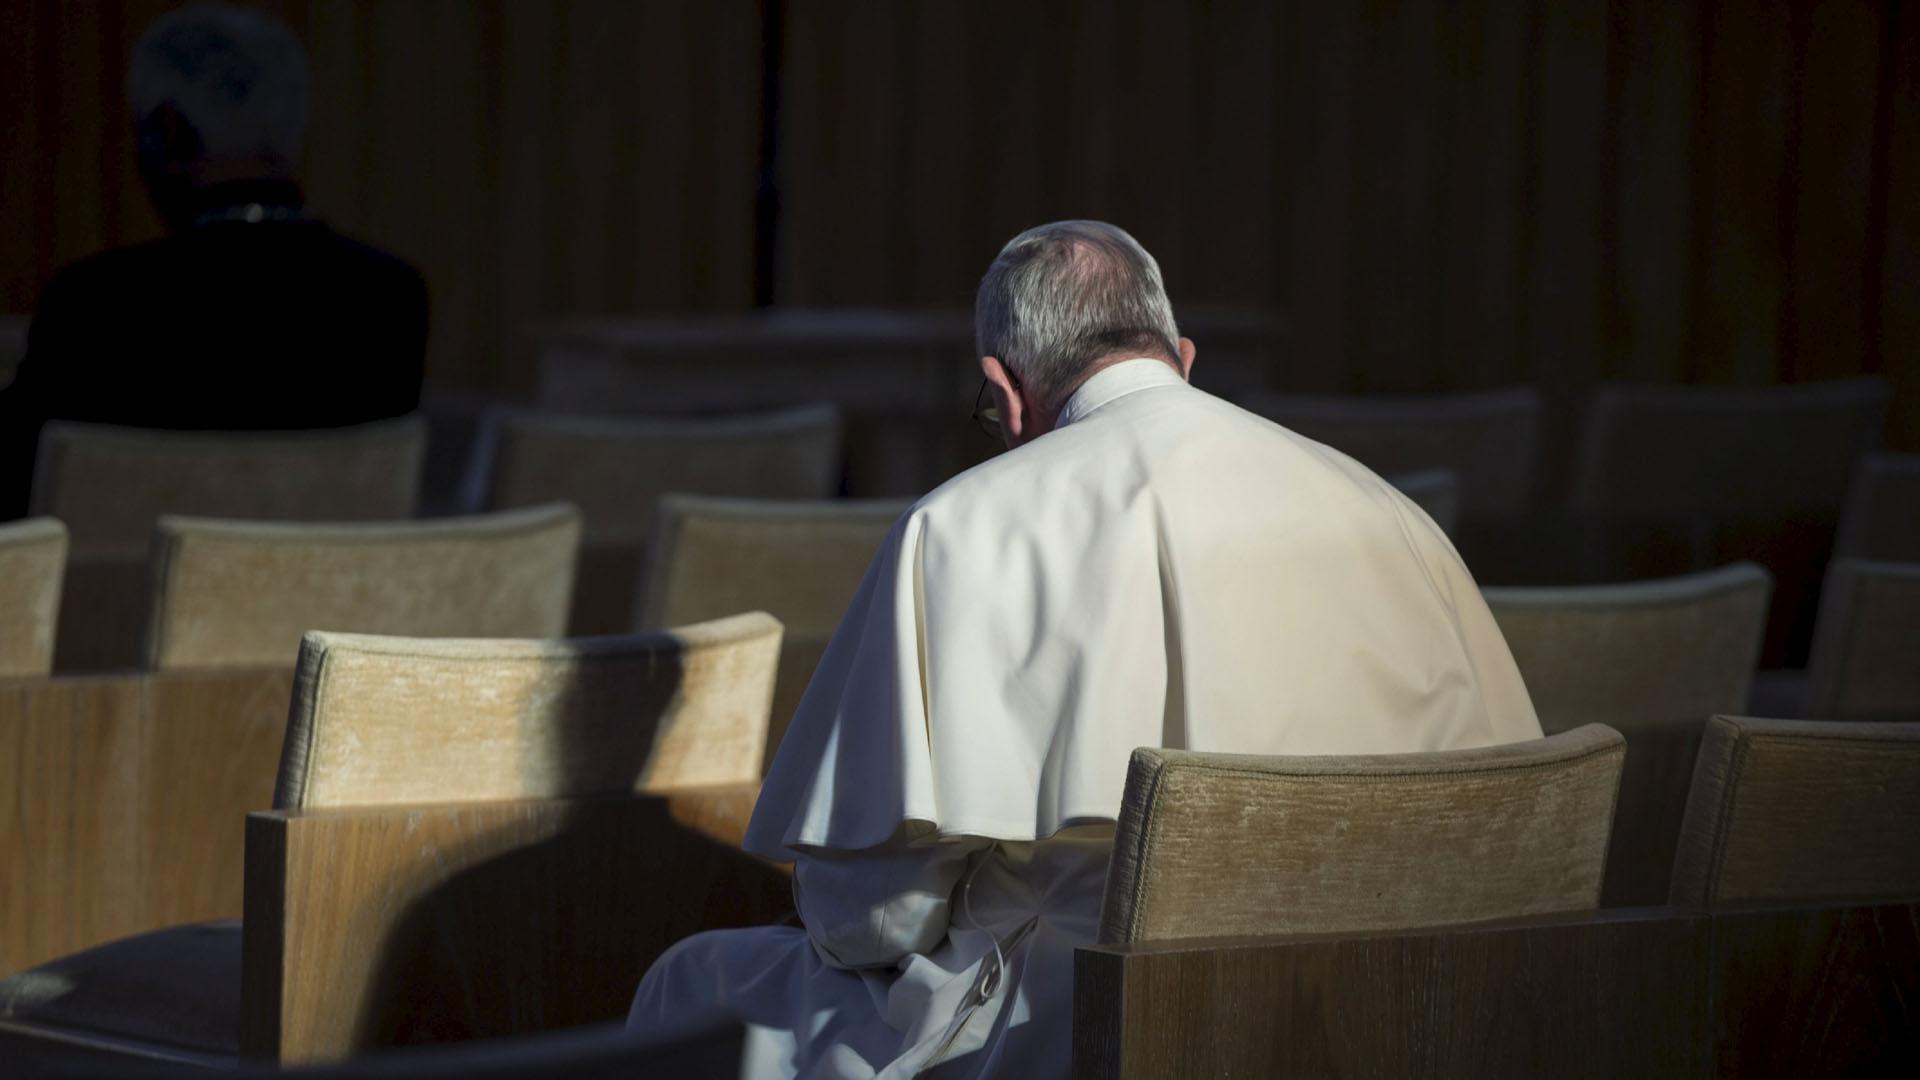 Un grupo de víctimas pidió al papa Francisco una audiencia privada para conocer el procedimiento contra varios jerarcas de la Iglesia Católica